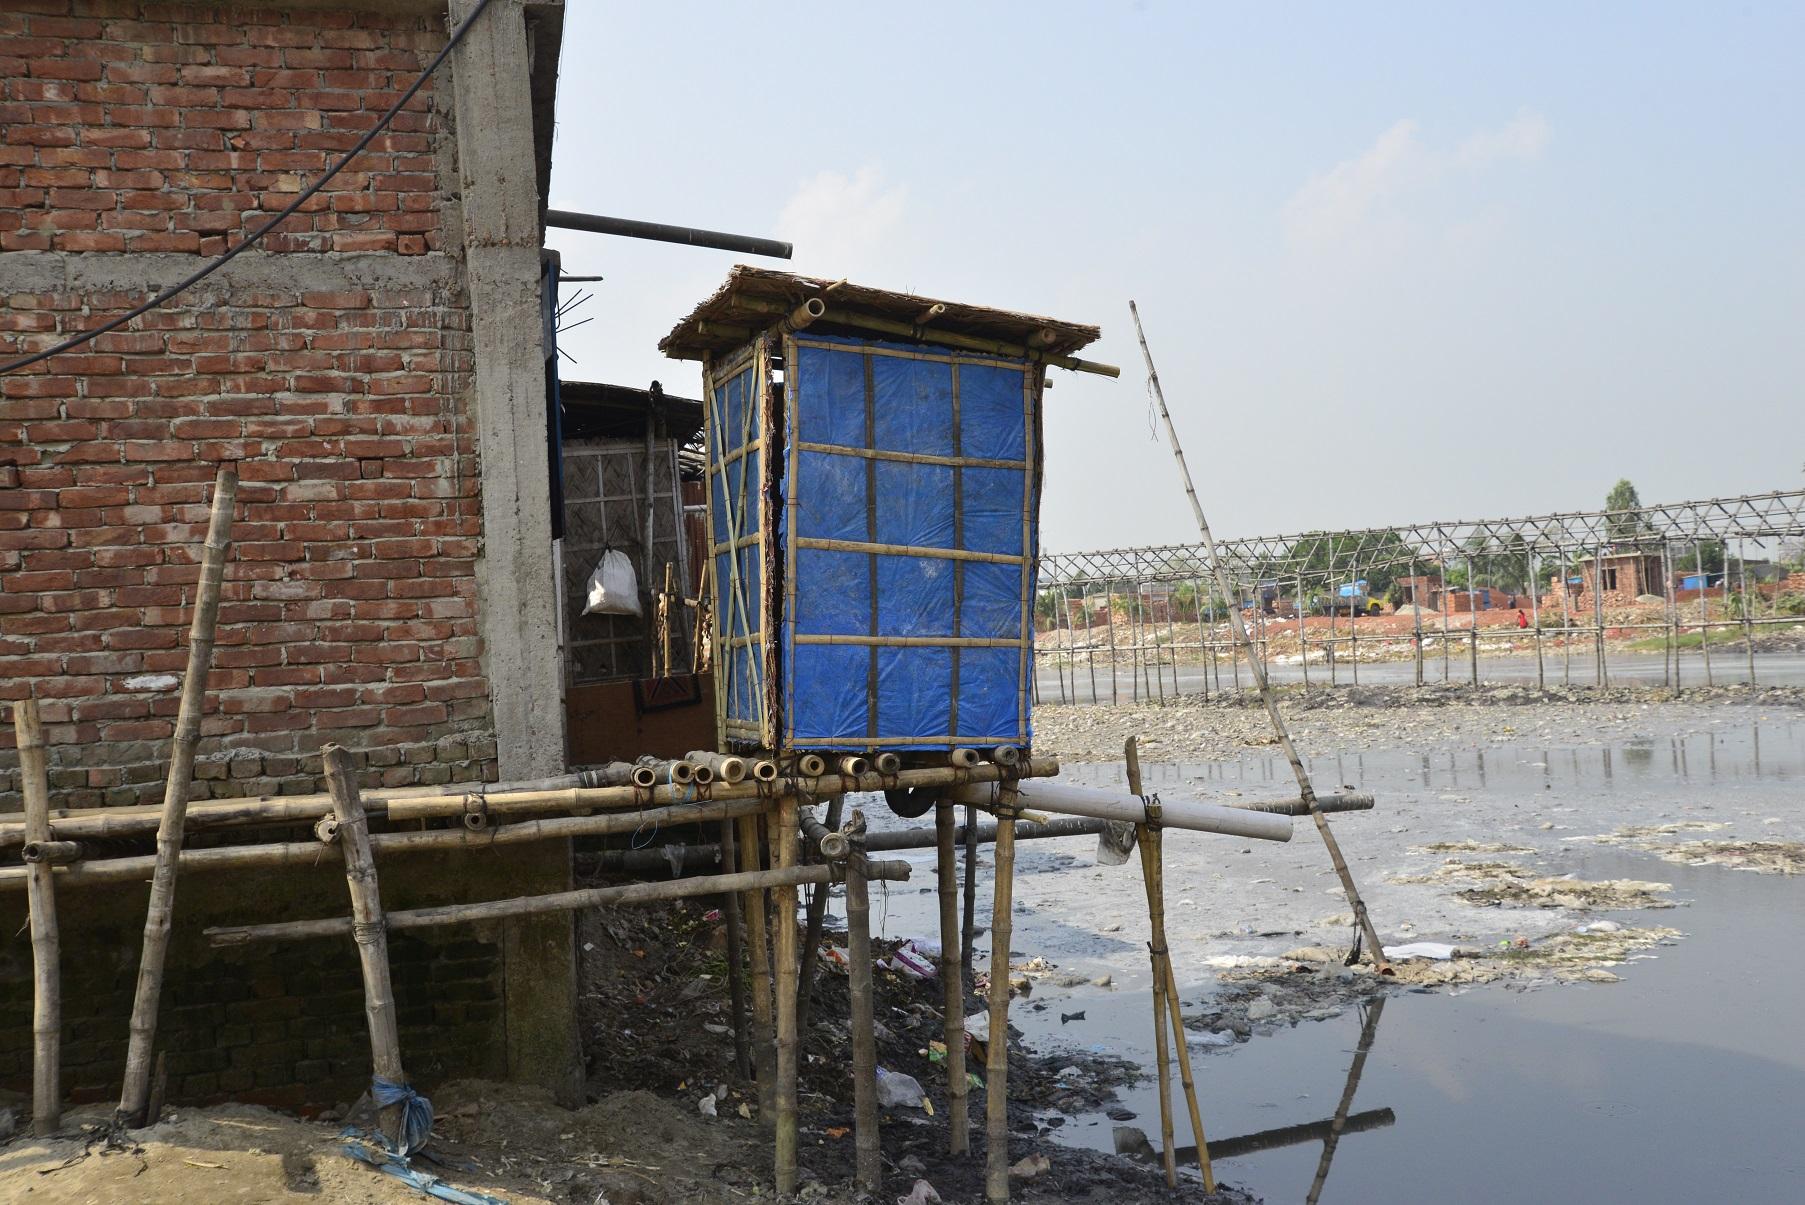 Vista de um banheiro numa favela de Dhaka, em Bangladesh. Foto de Mamunur Rashid/ NurPhoto